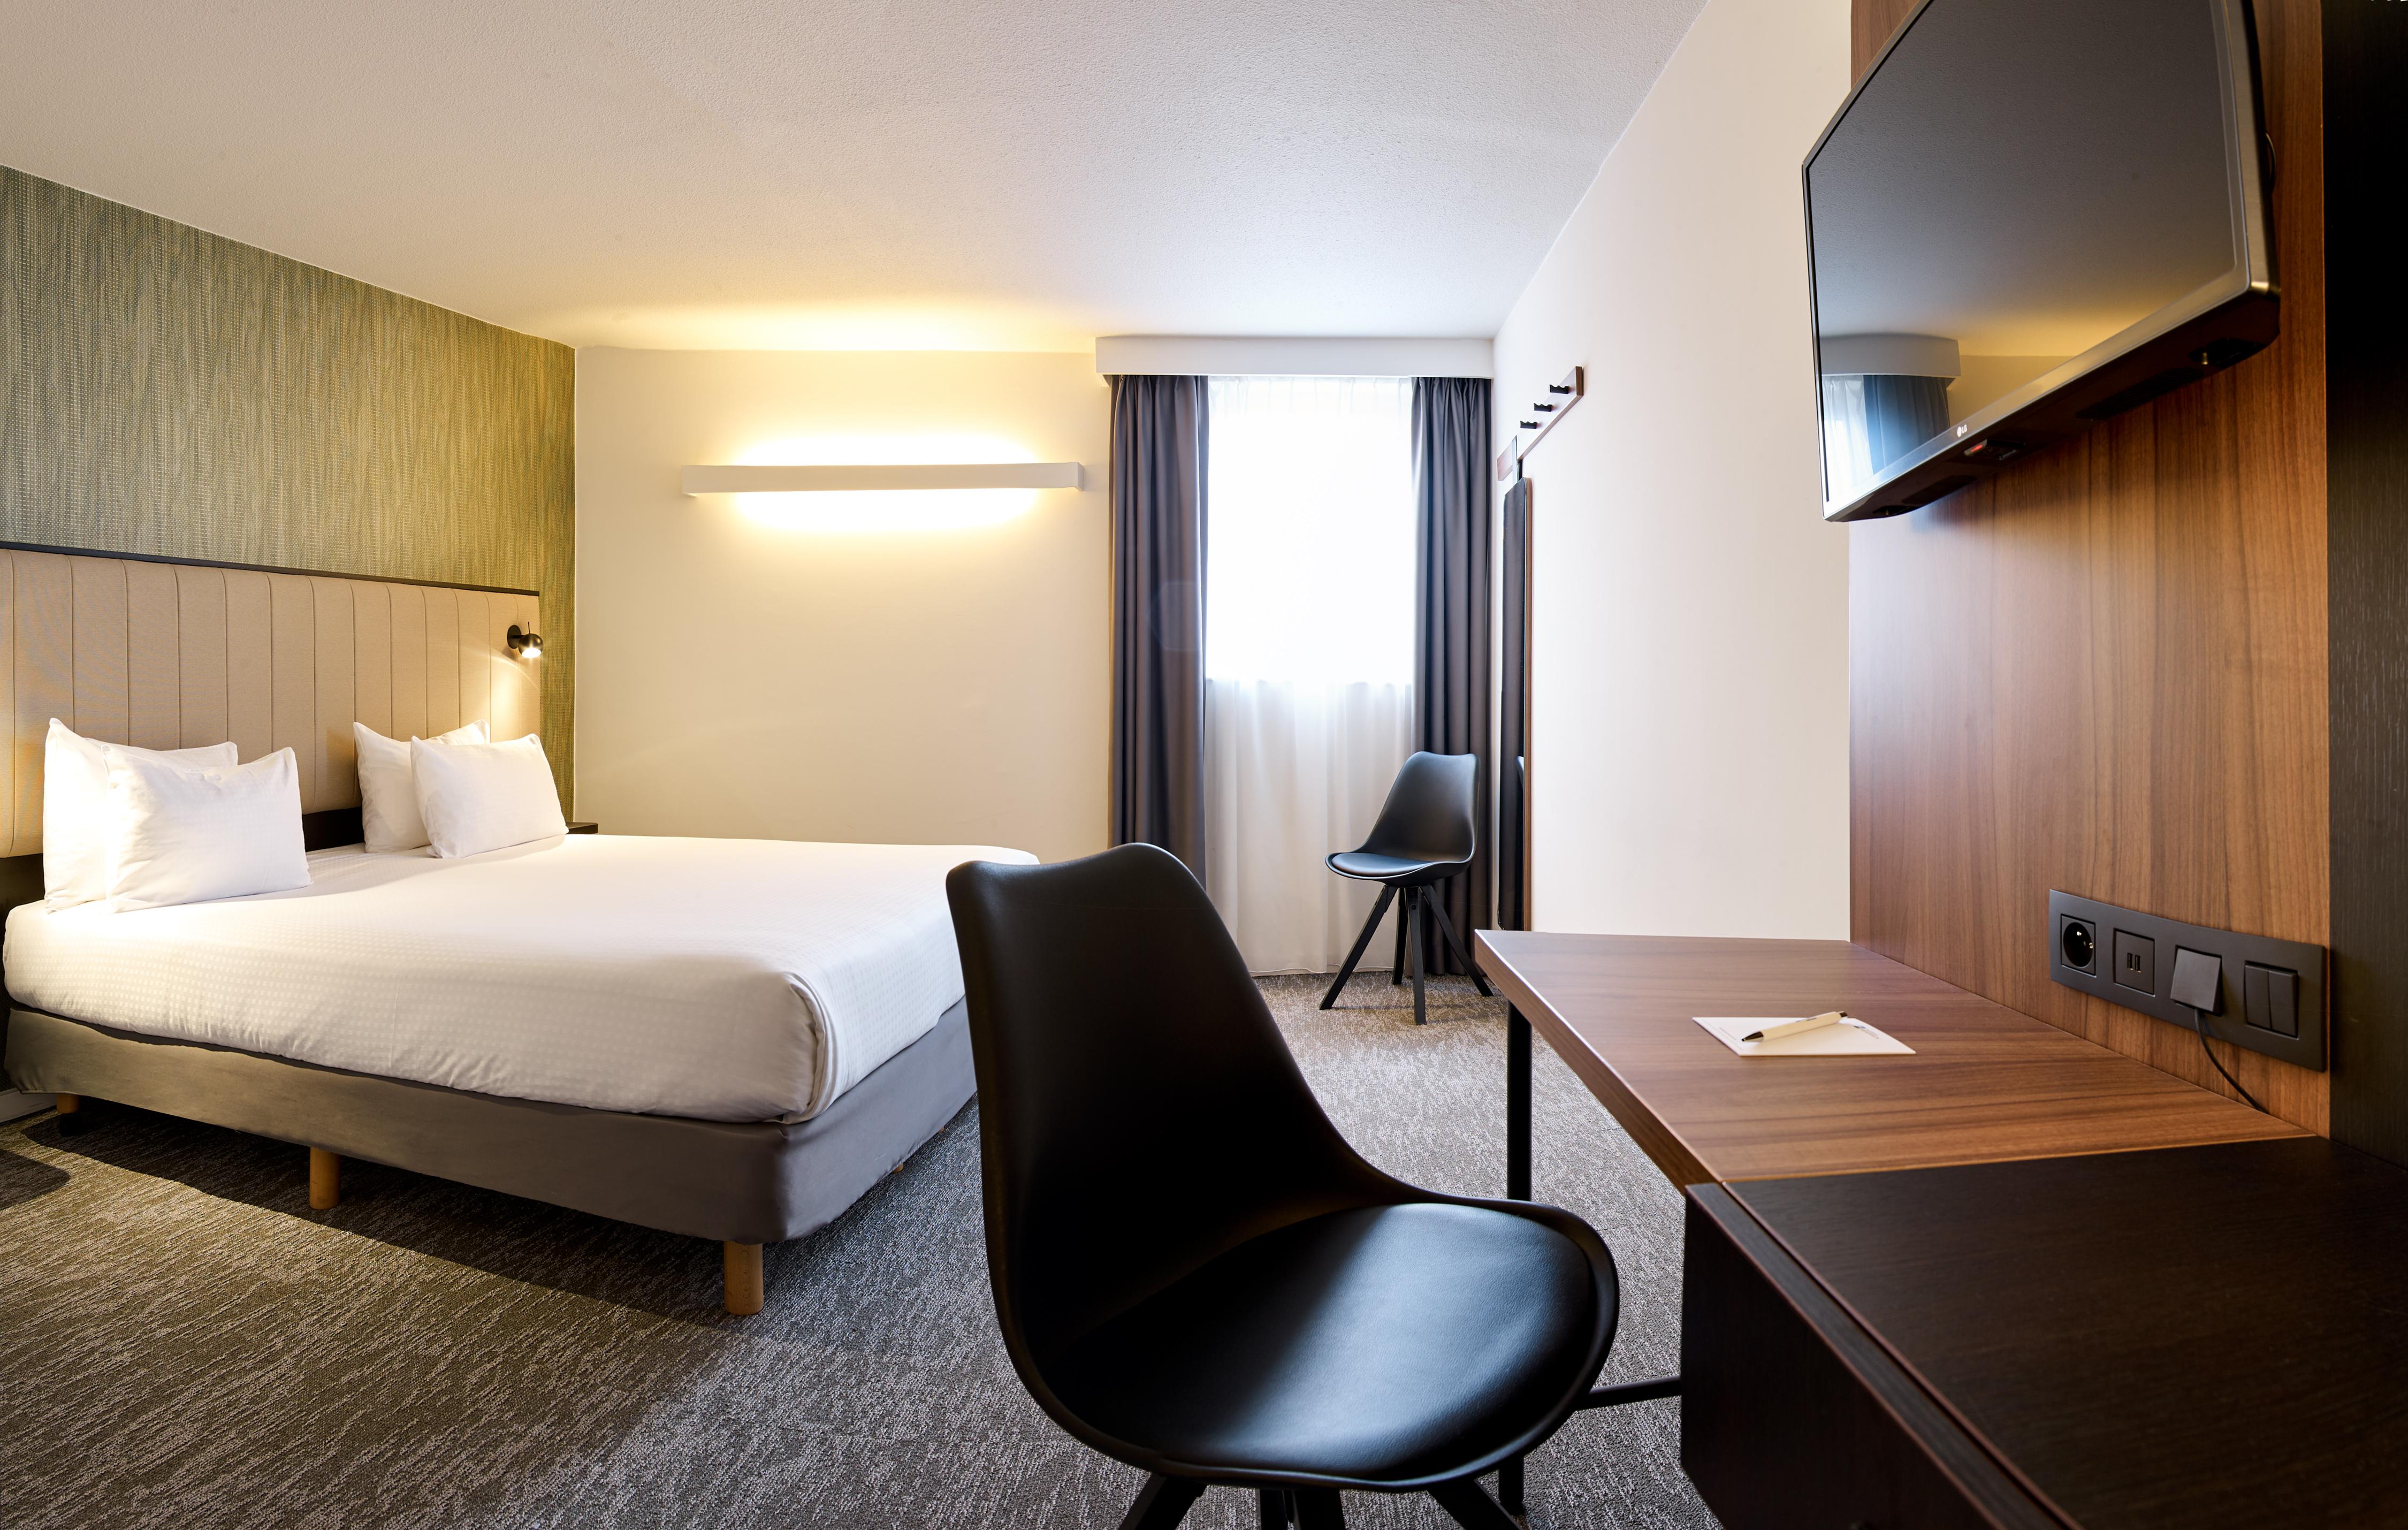 Best Western - Wavre Hotel